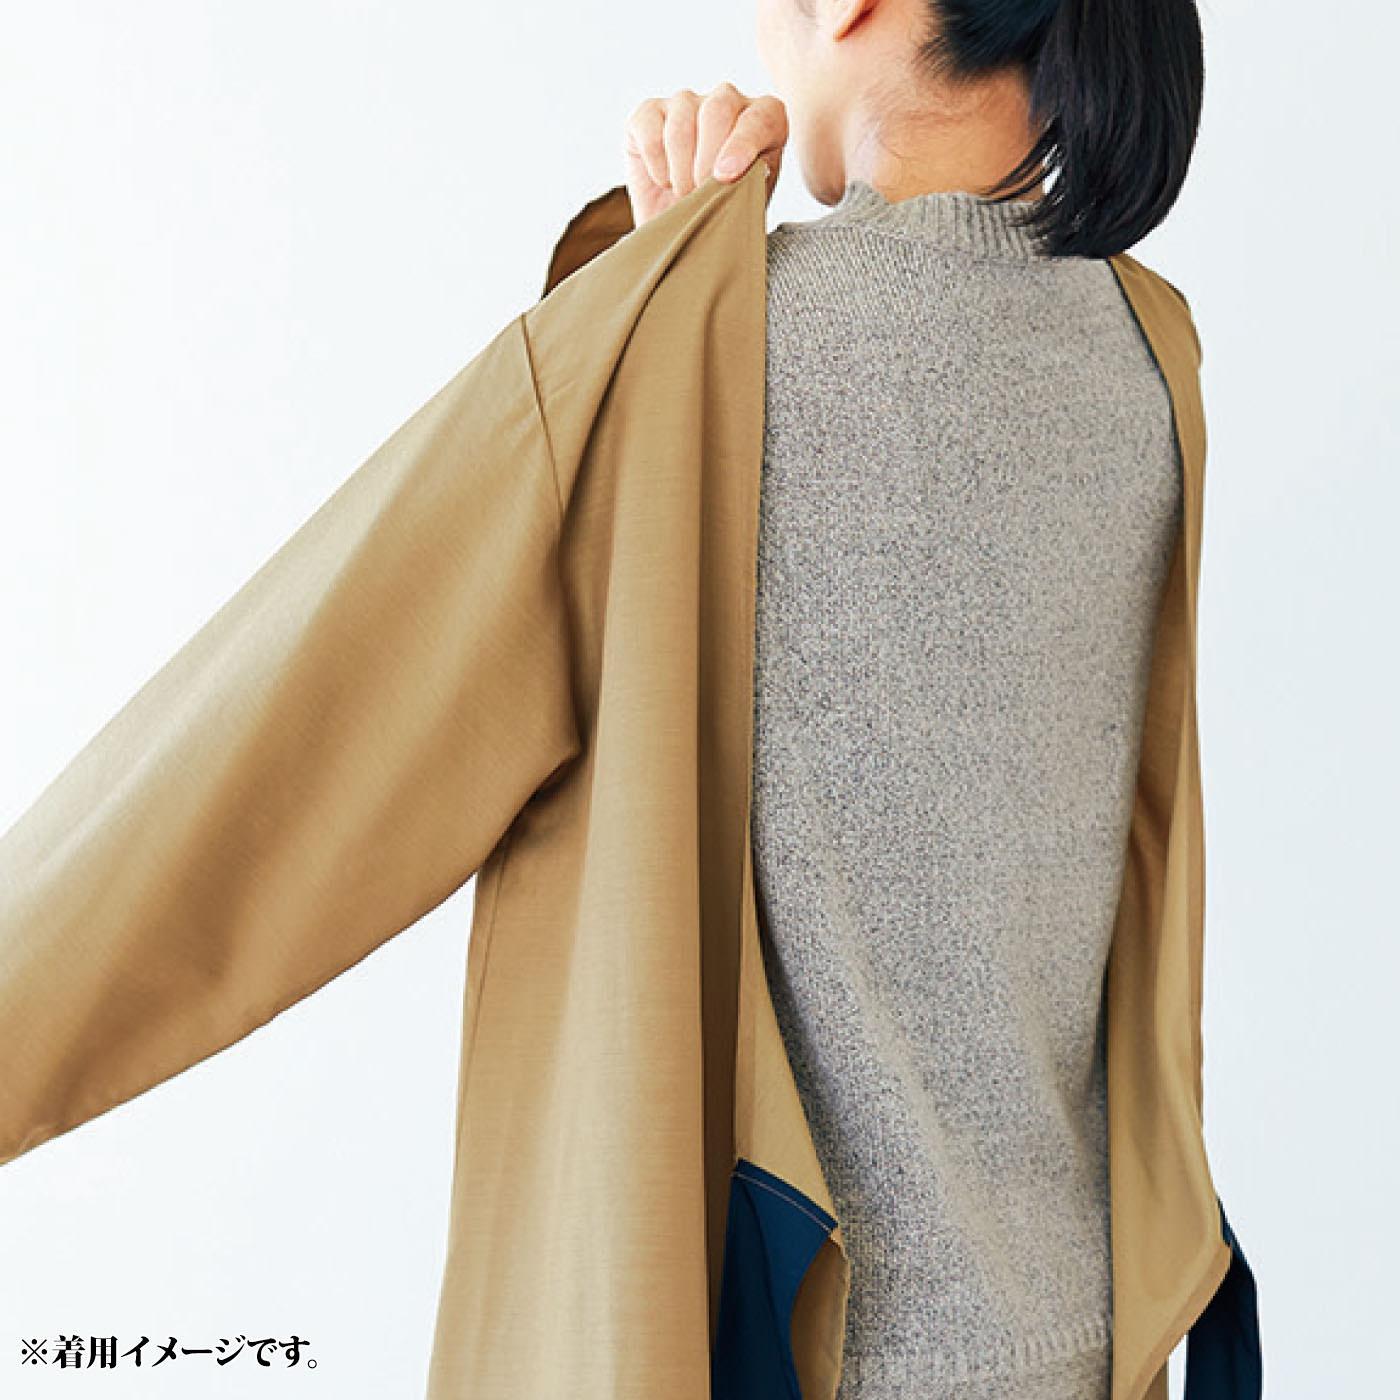 割烹着のように腕を通して着るだけなので、中に着るものを選ばずらくに着脱ができるのもうれしいポイント。 ※お届けするカラーとは異なります。